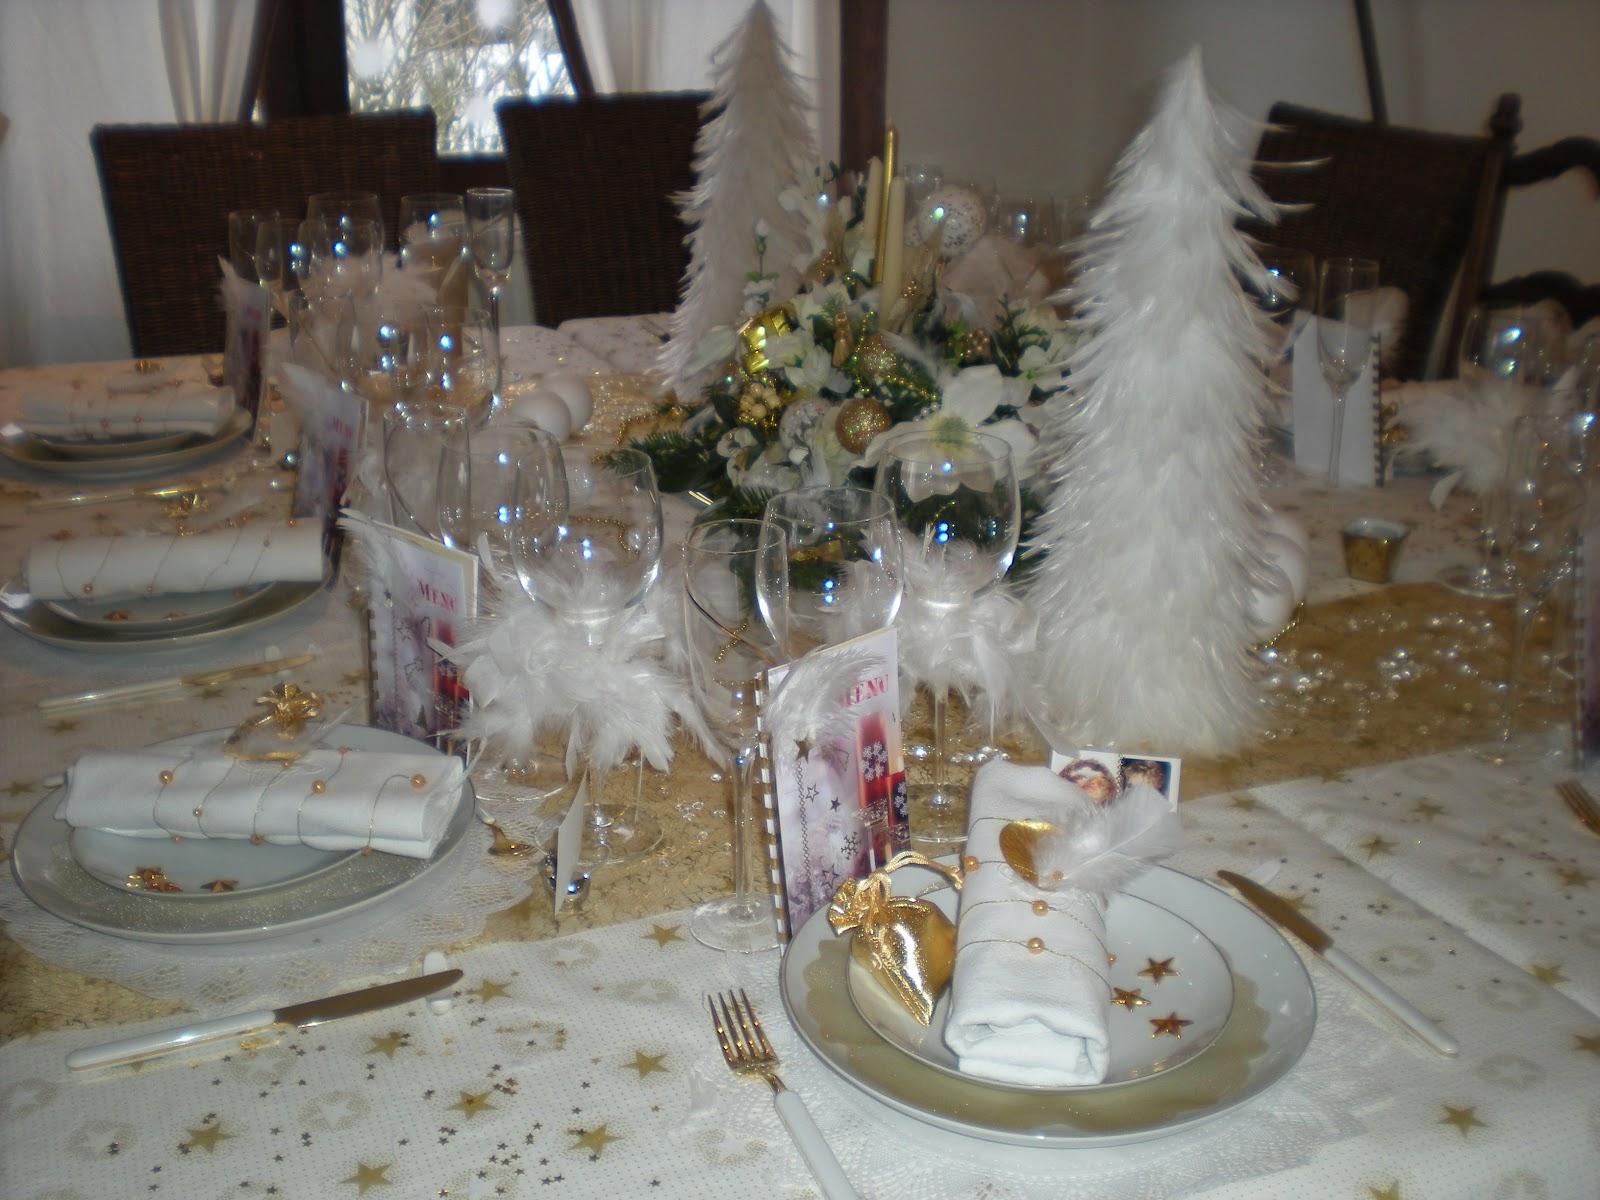 #7C664F Déco De Noël En Or Et Blanc . Déco De Table à Thèmes 6059 decoration de noel table blanc 1600x1200 px @ aertt.com